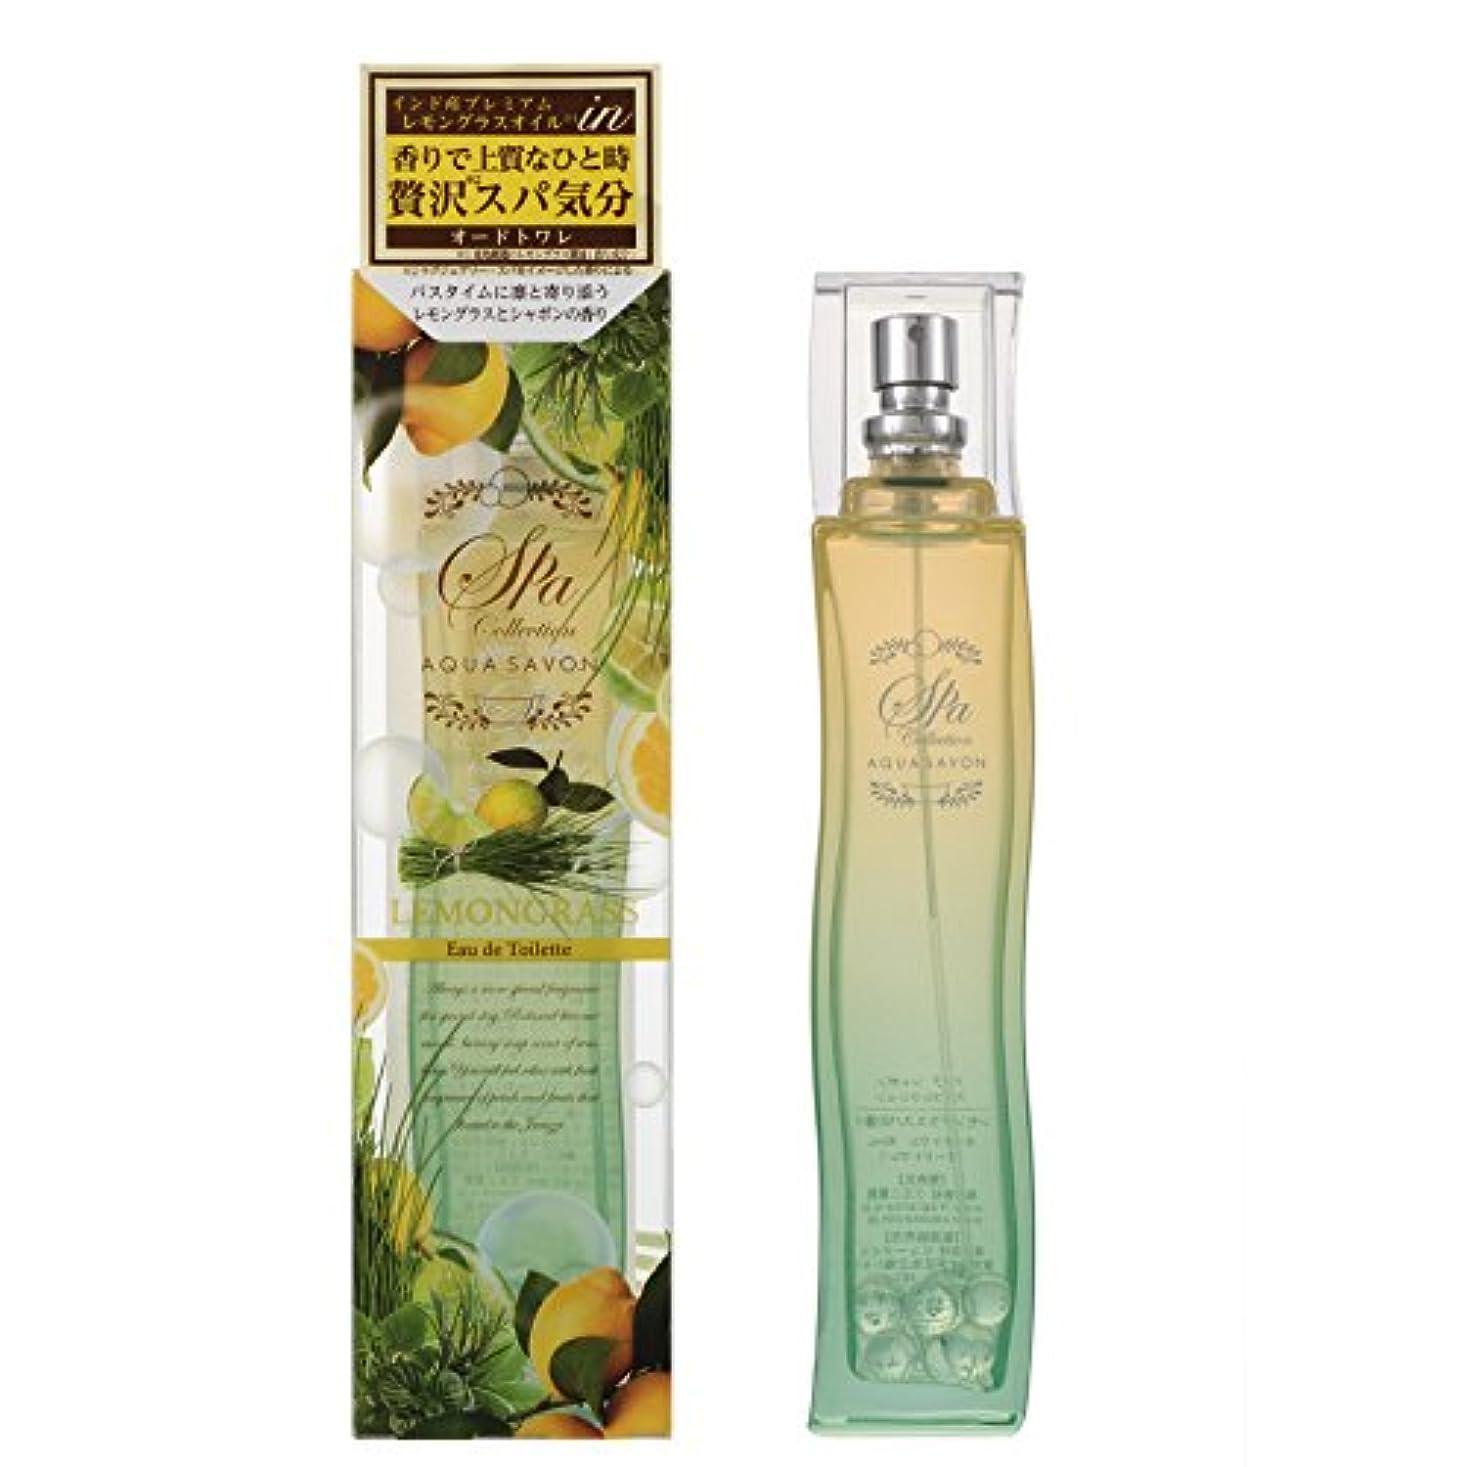 強化ニンニク水銀のアクアシャボン スパコレクション レモングラススパの香り オードトワレ 80mL